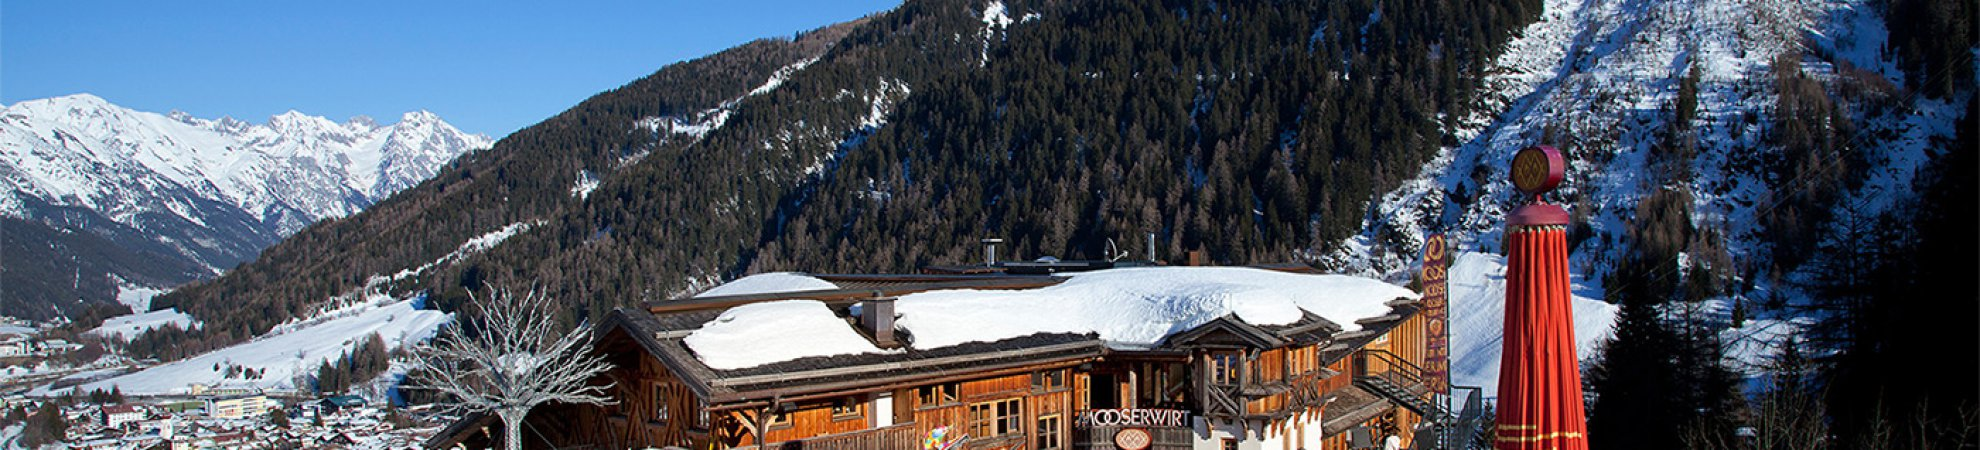 Mooserwirt-St-Anton Apres Ski